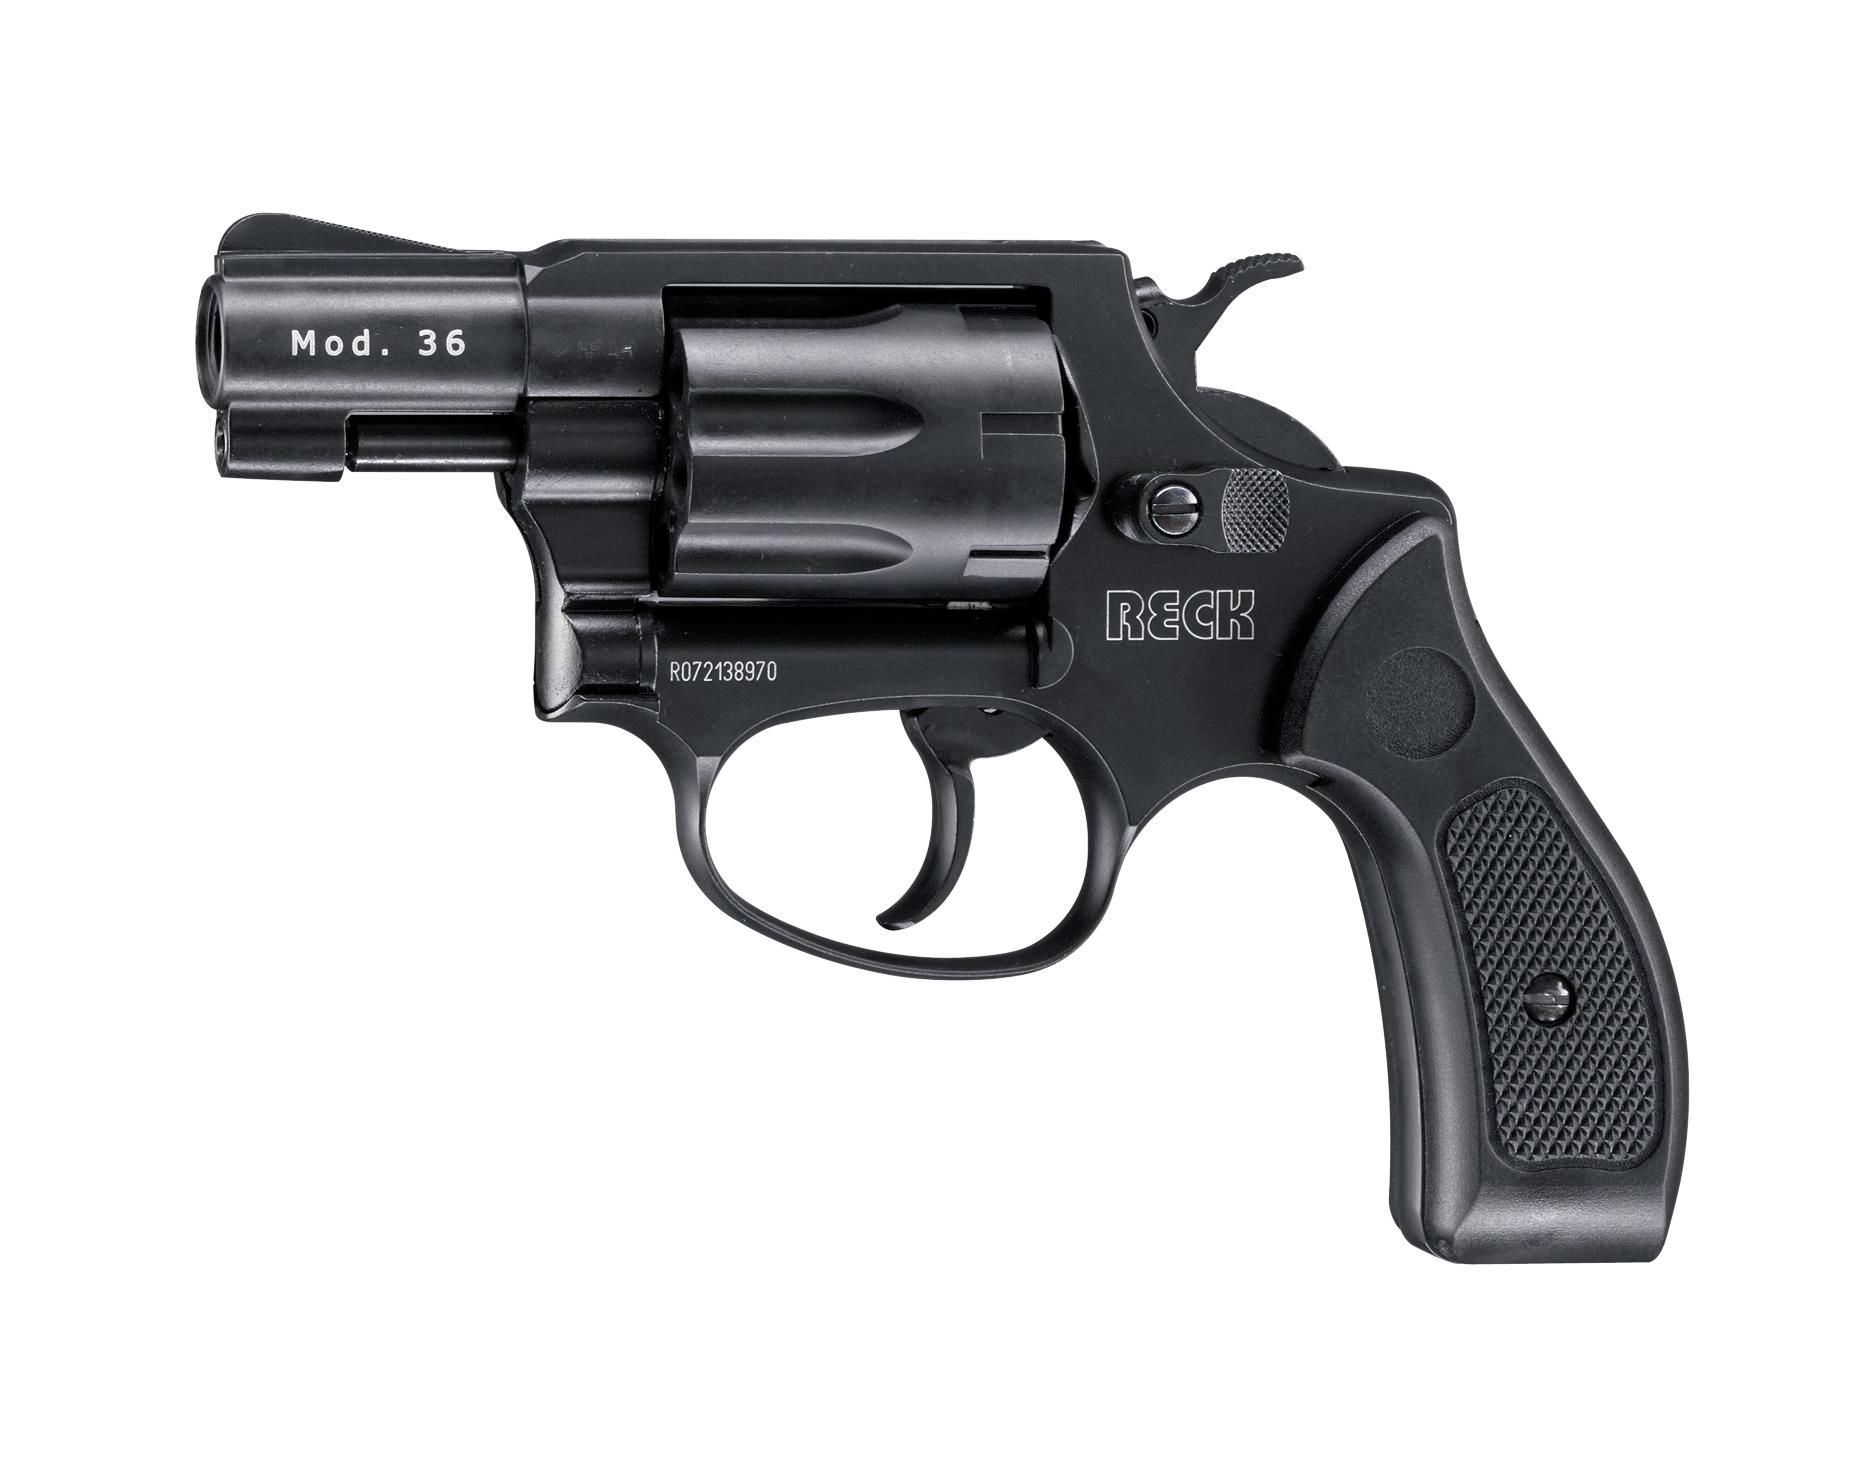 Reck Mod. 89, Schreckschussrevolver cal. 9mm R.K.